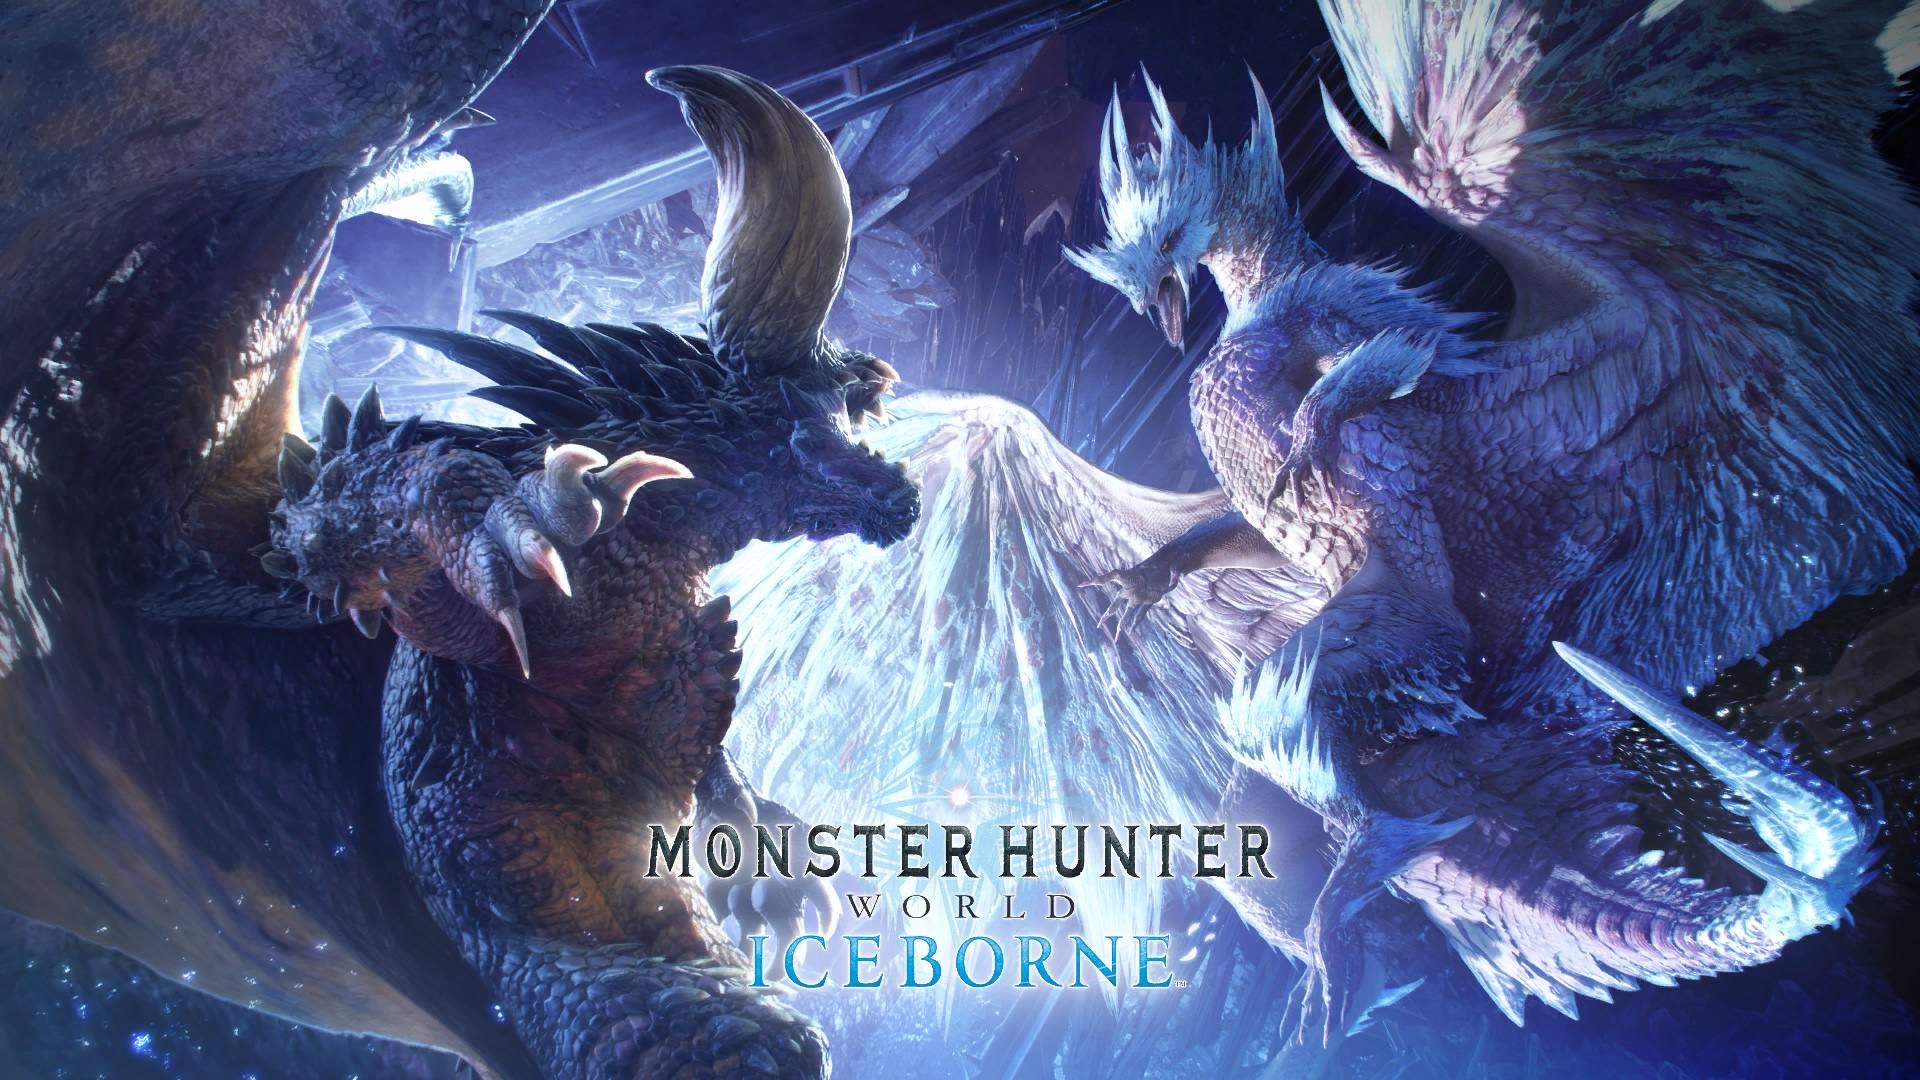 Trzy rzeczy, za które pokochałem Monster Hunter: World